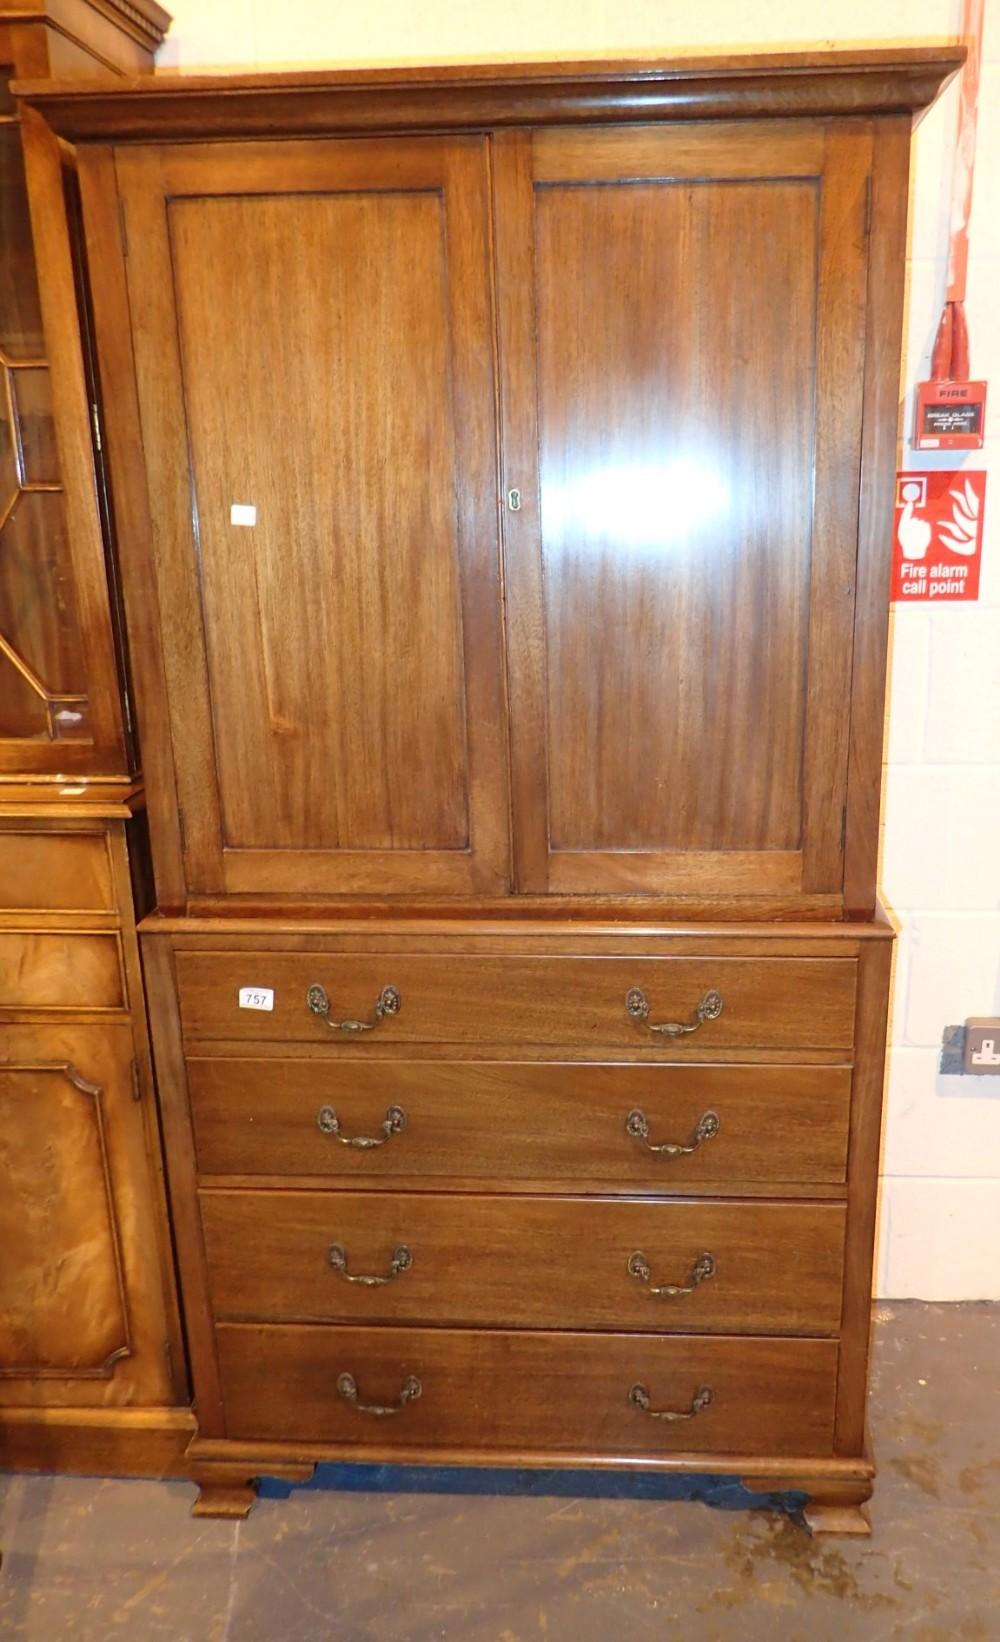 Edwardian walnut glazed tallboy with drawers below 86 x 46 x 178 cm H